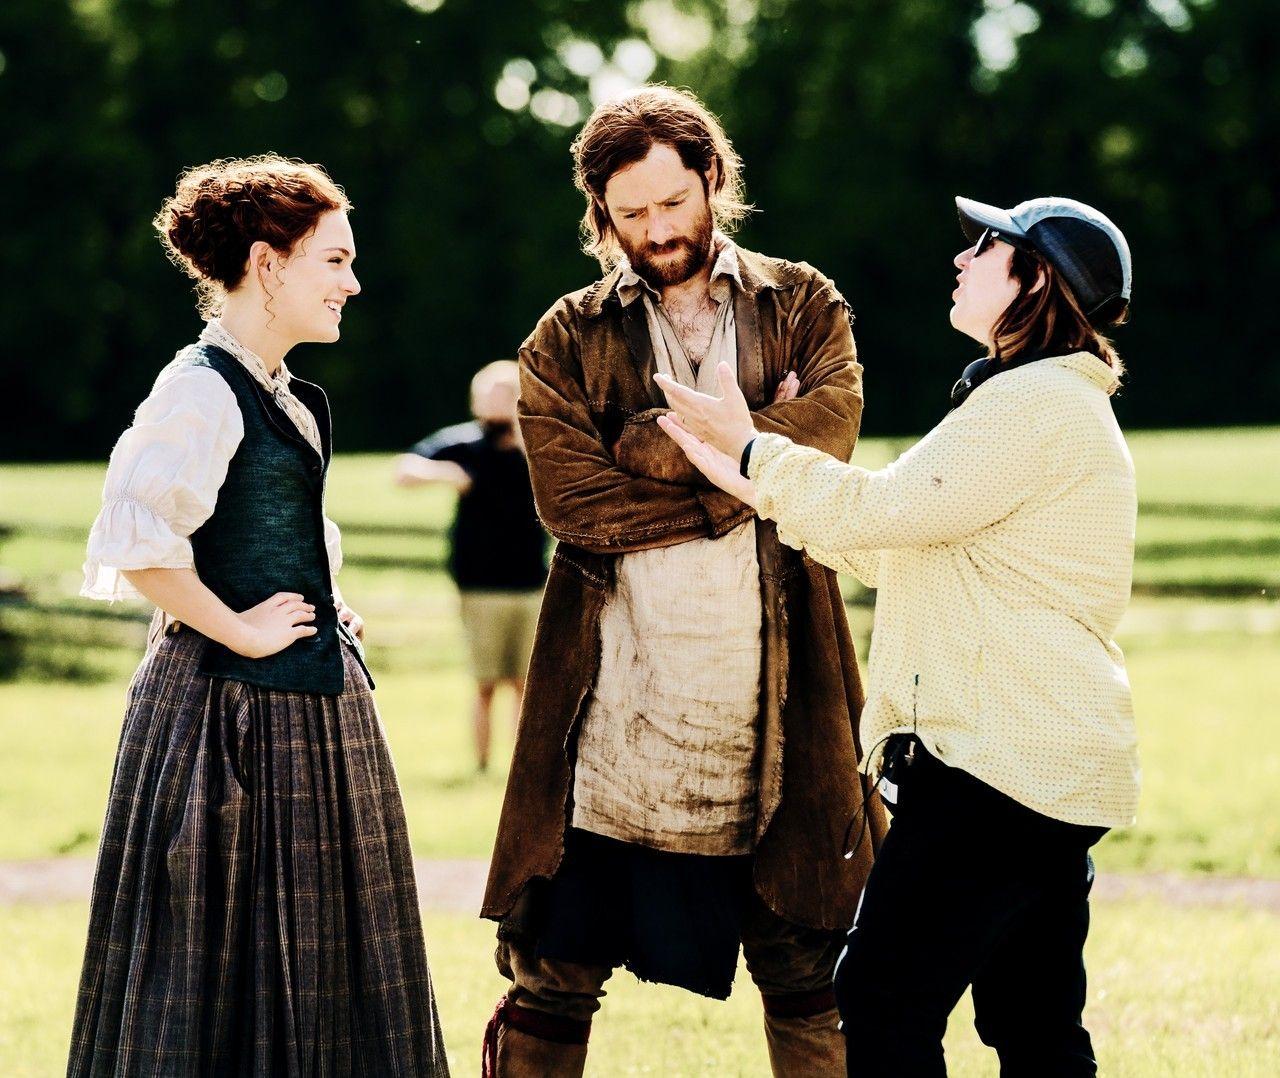 OUTLANDER CAST Behind The Scenes of Outlander Season 4